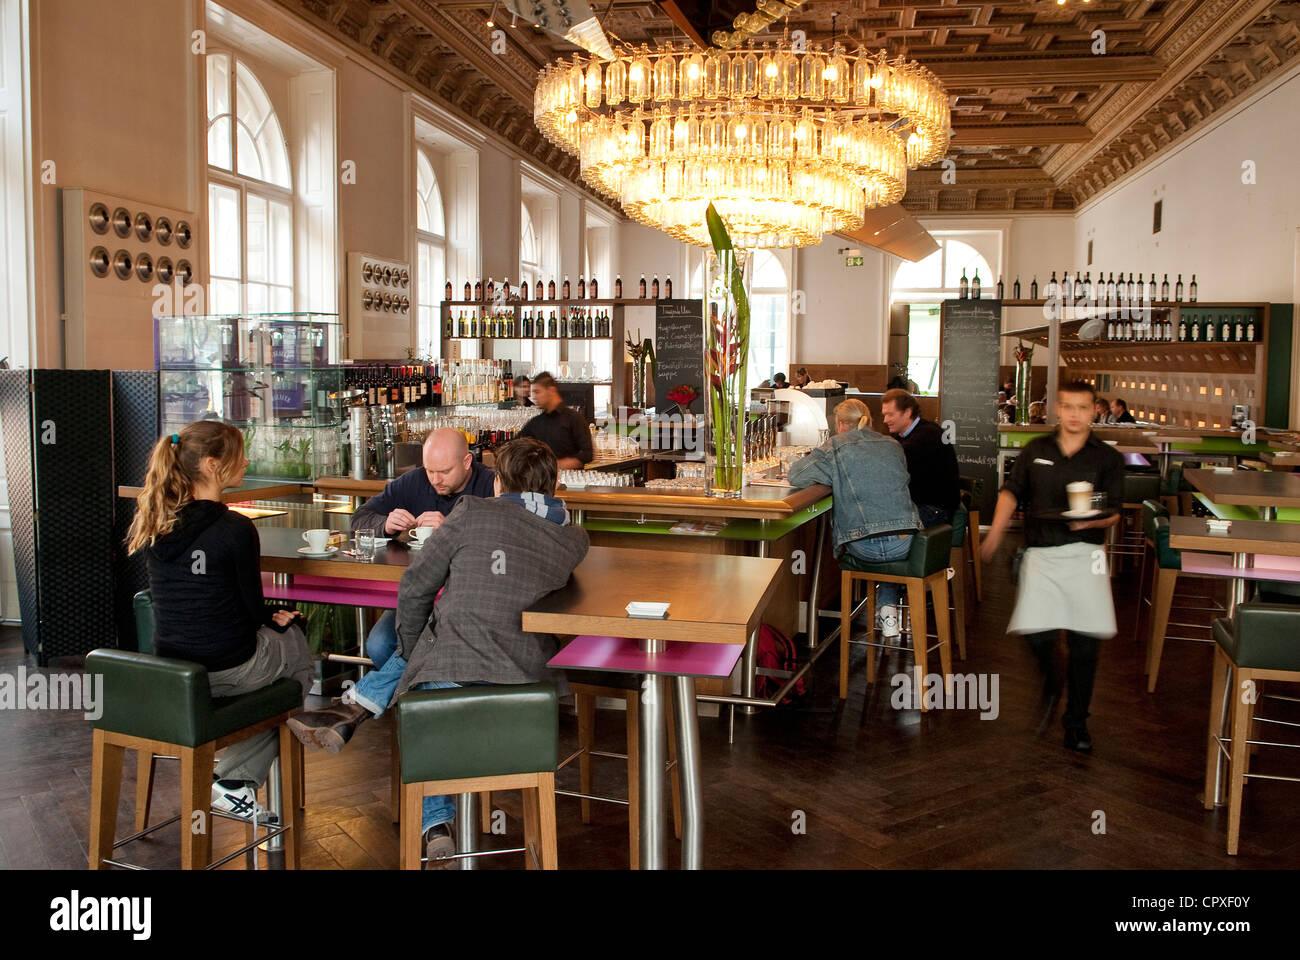 Austria vienna cafe restaurant sterreicher im mak for Austrian cuisine vienna